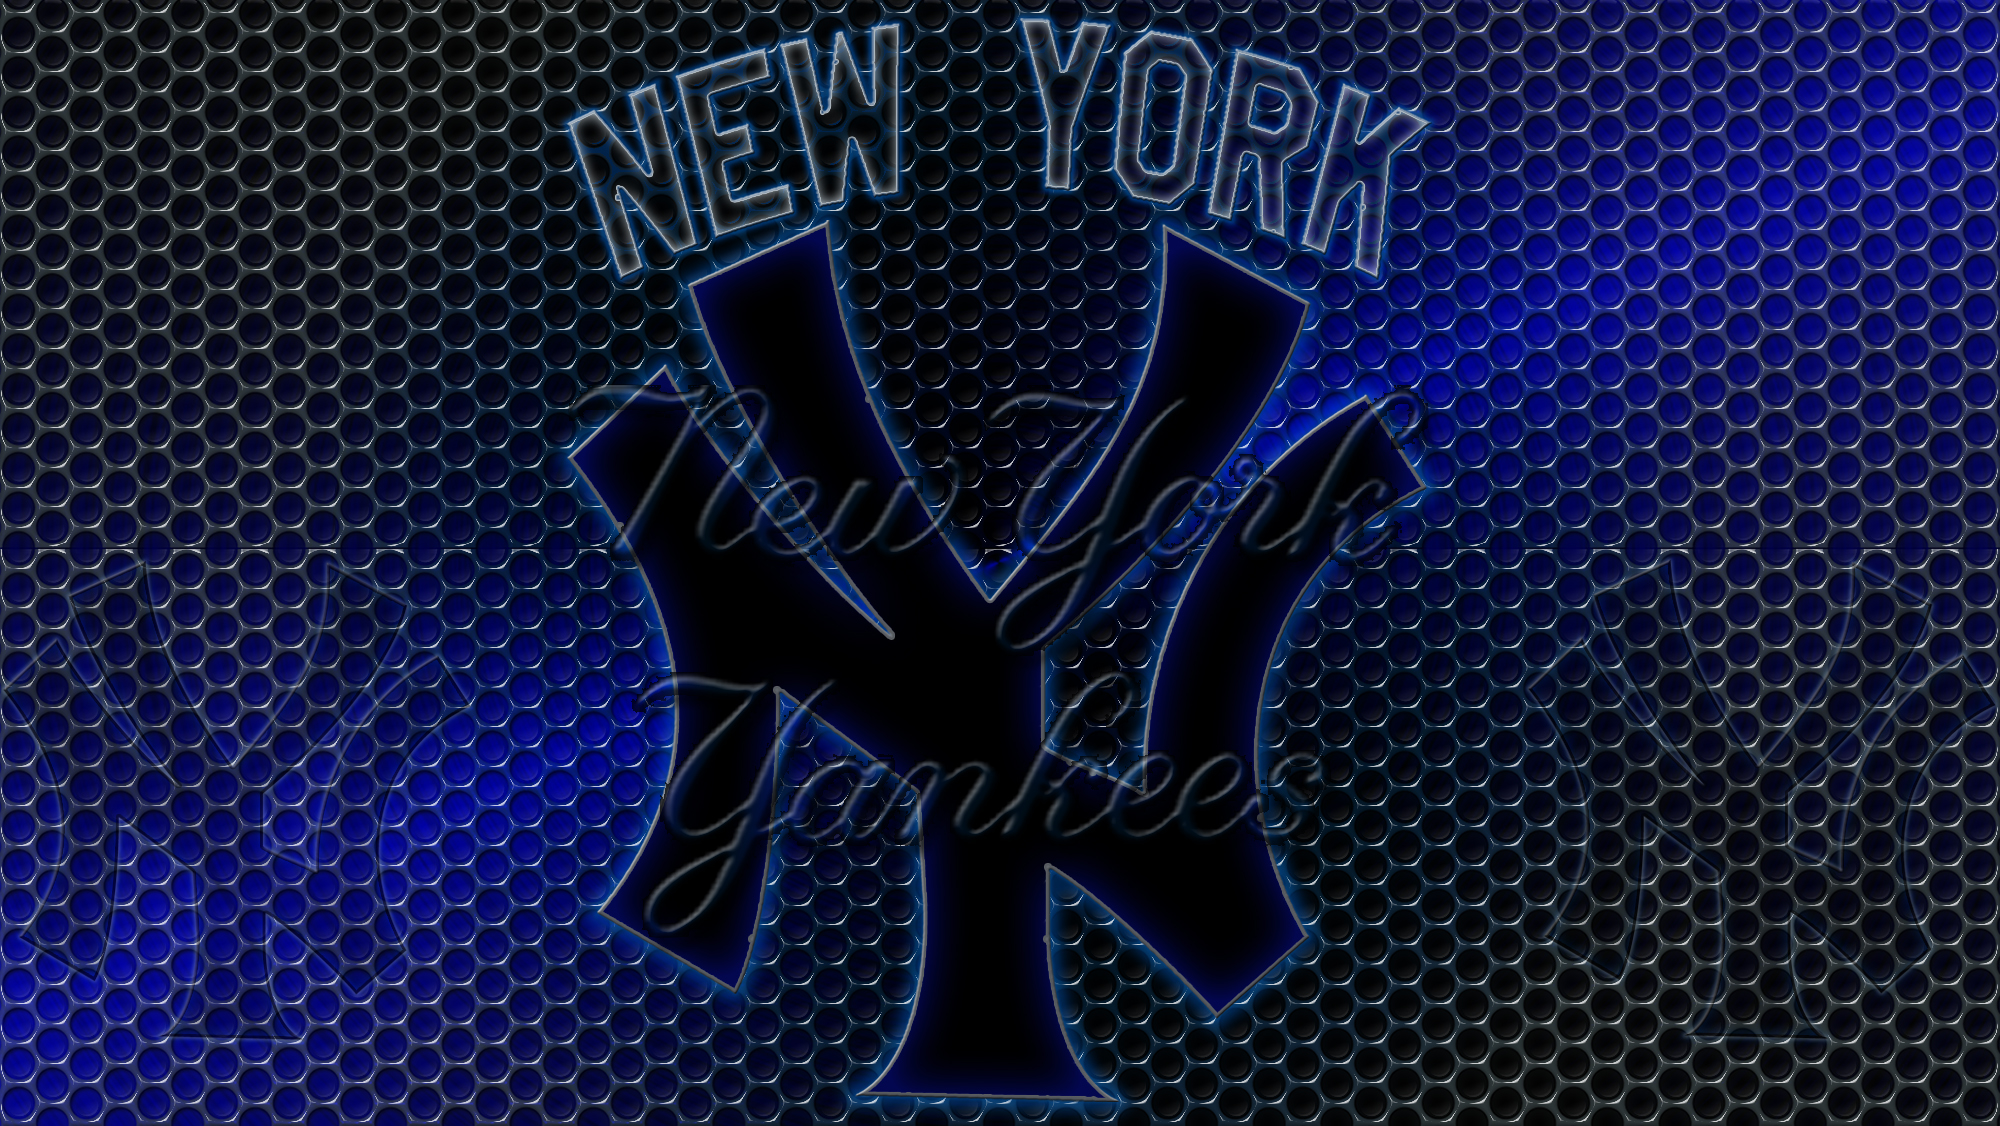 70 New York Yankees Logo Wallpaper On Wallpapersafari